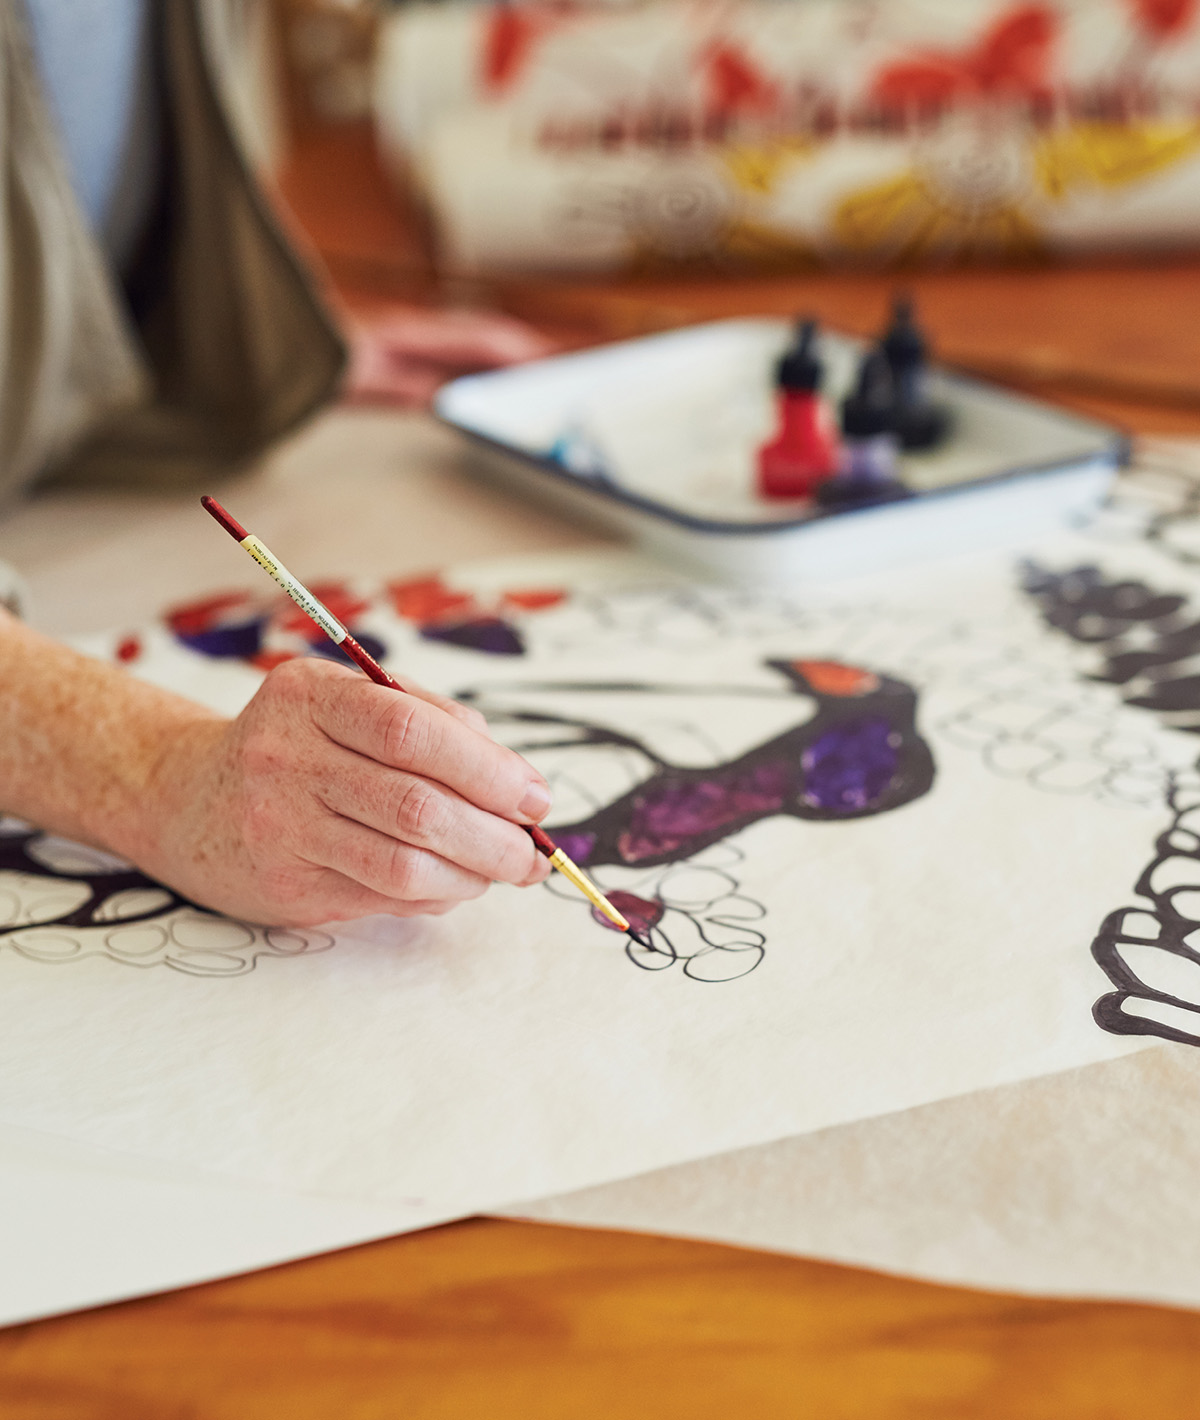 melinda cox balanced design textiles prints 3